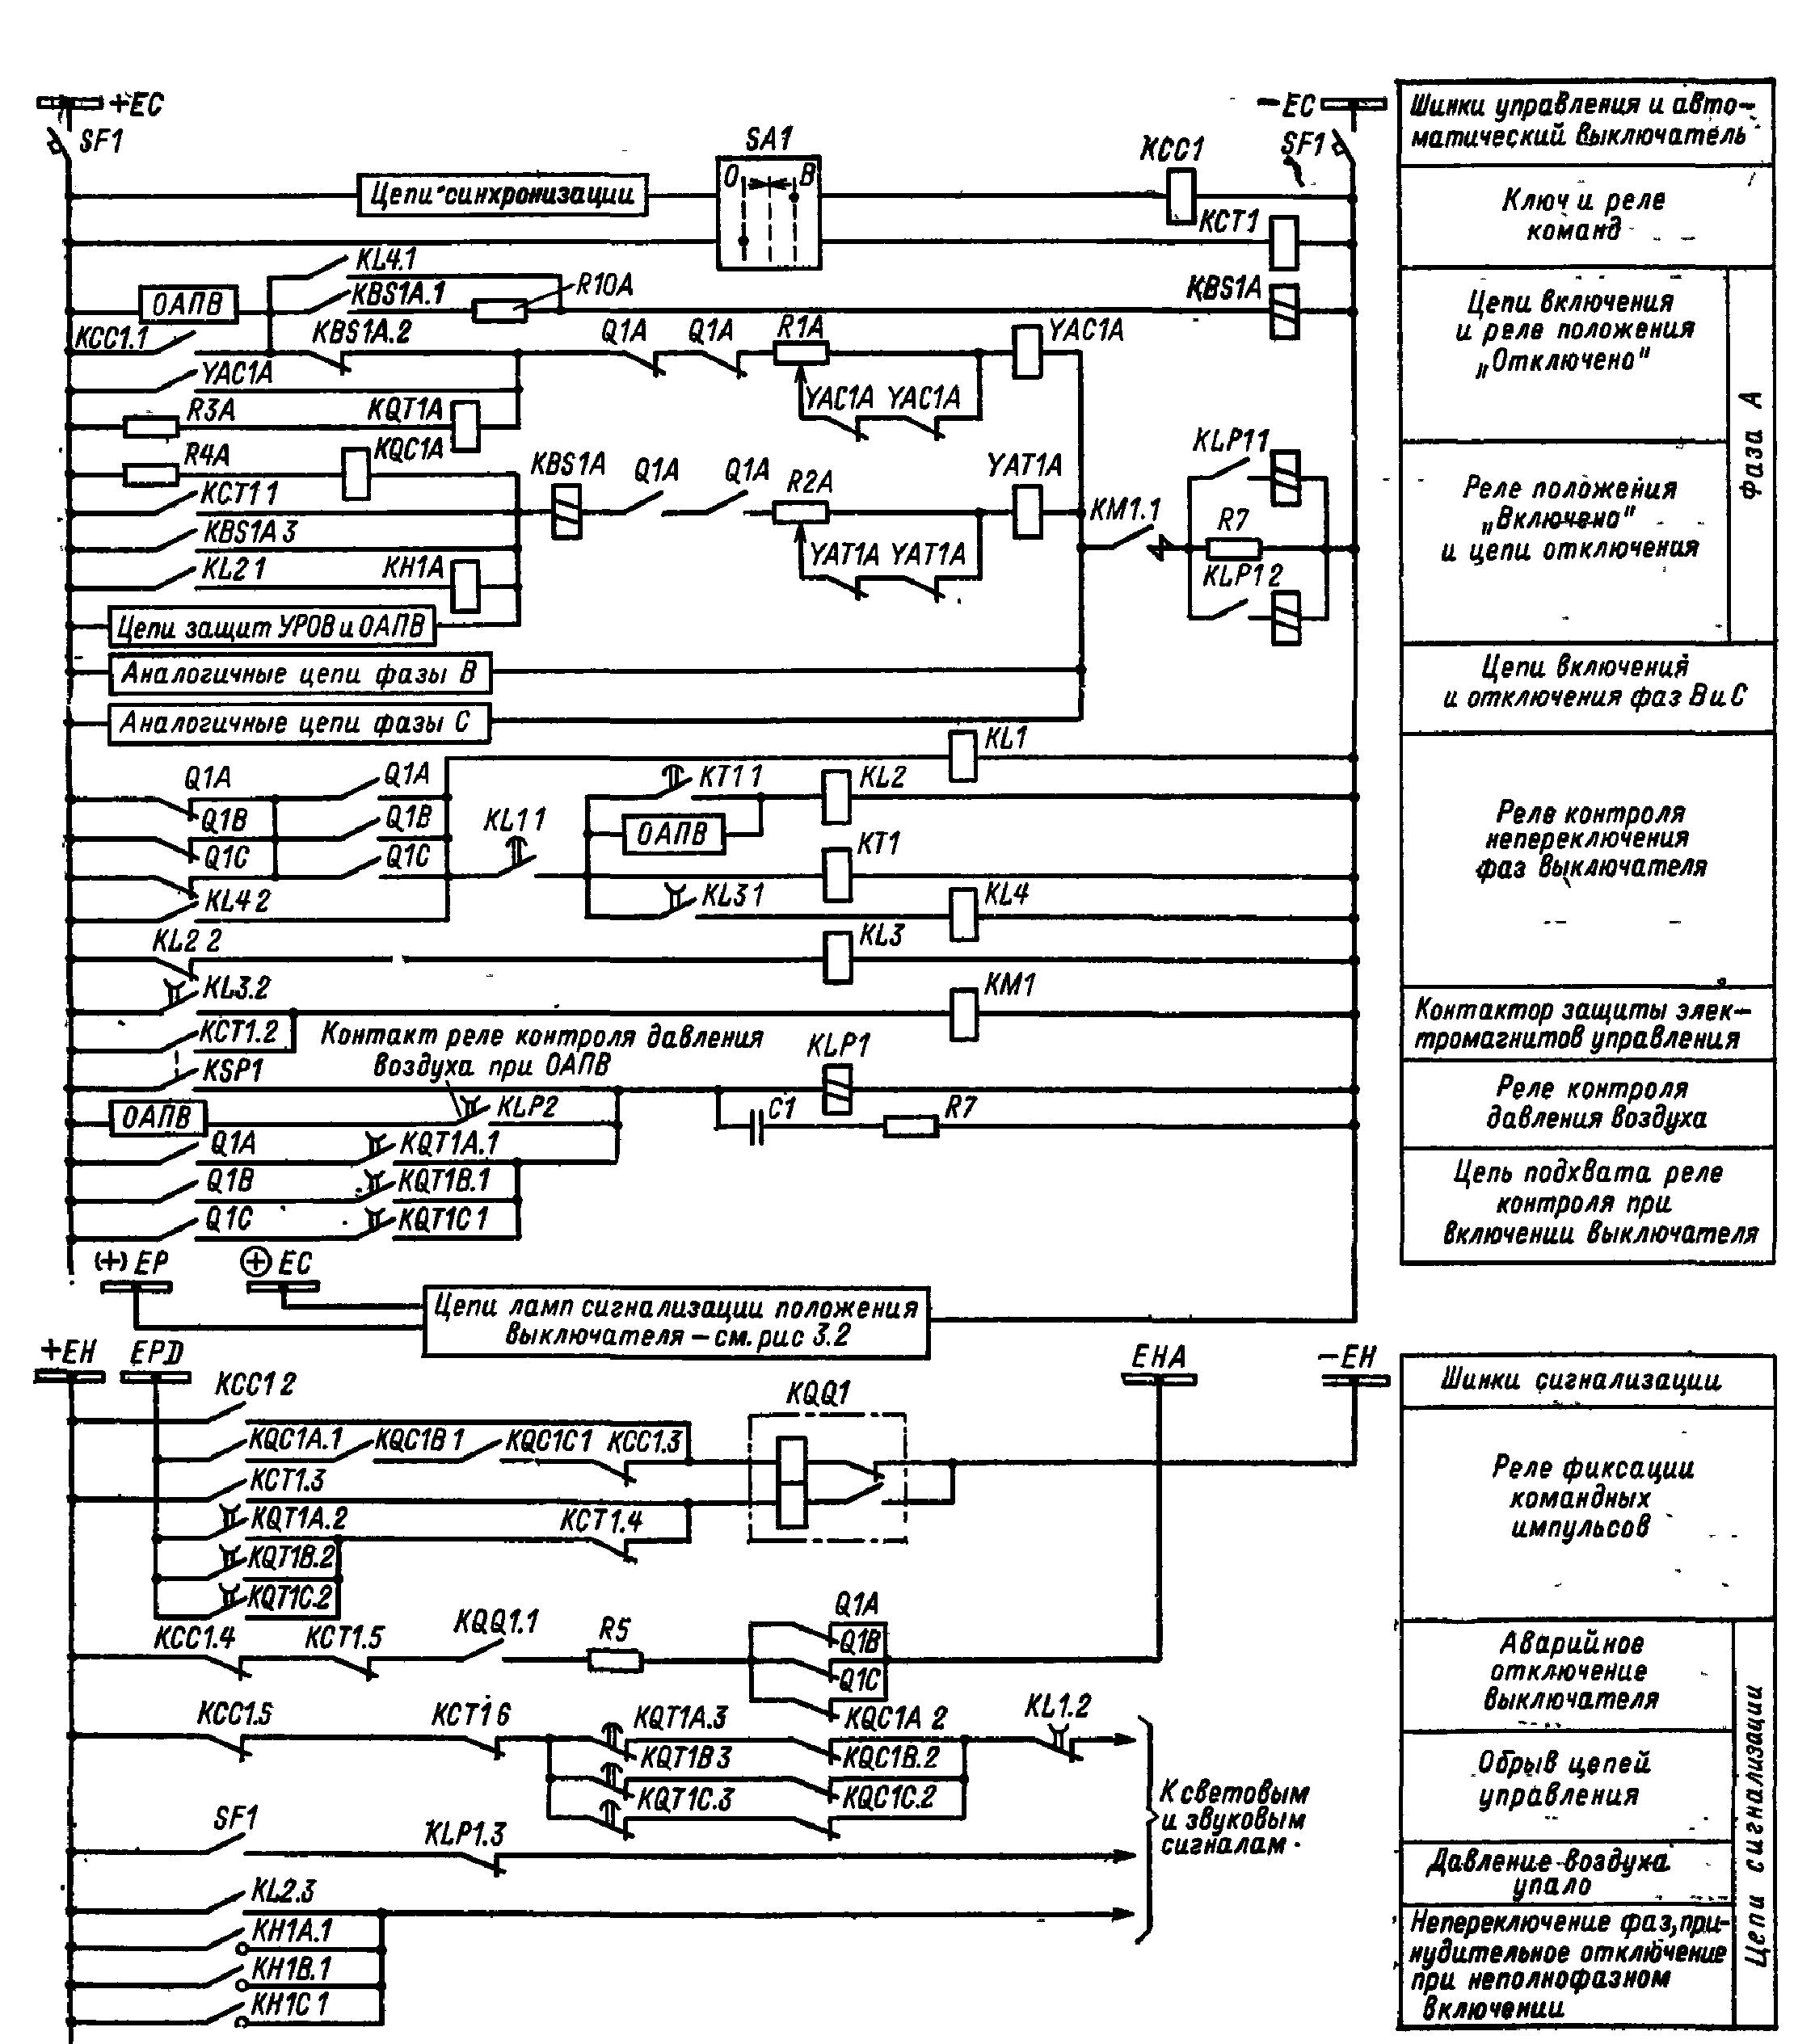 Гост принципиальная электрическая схема щита